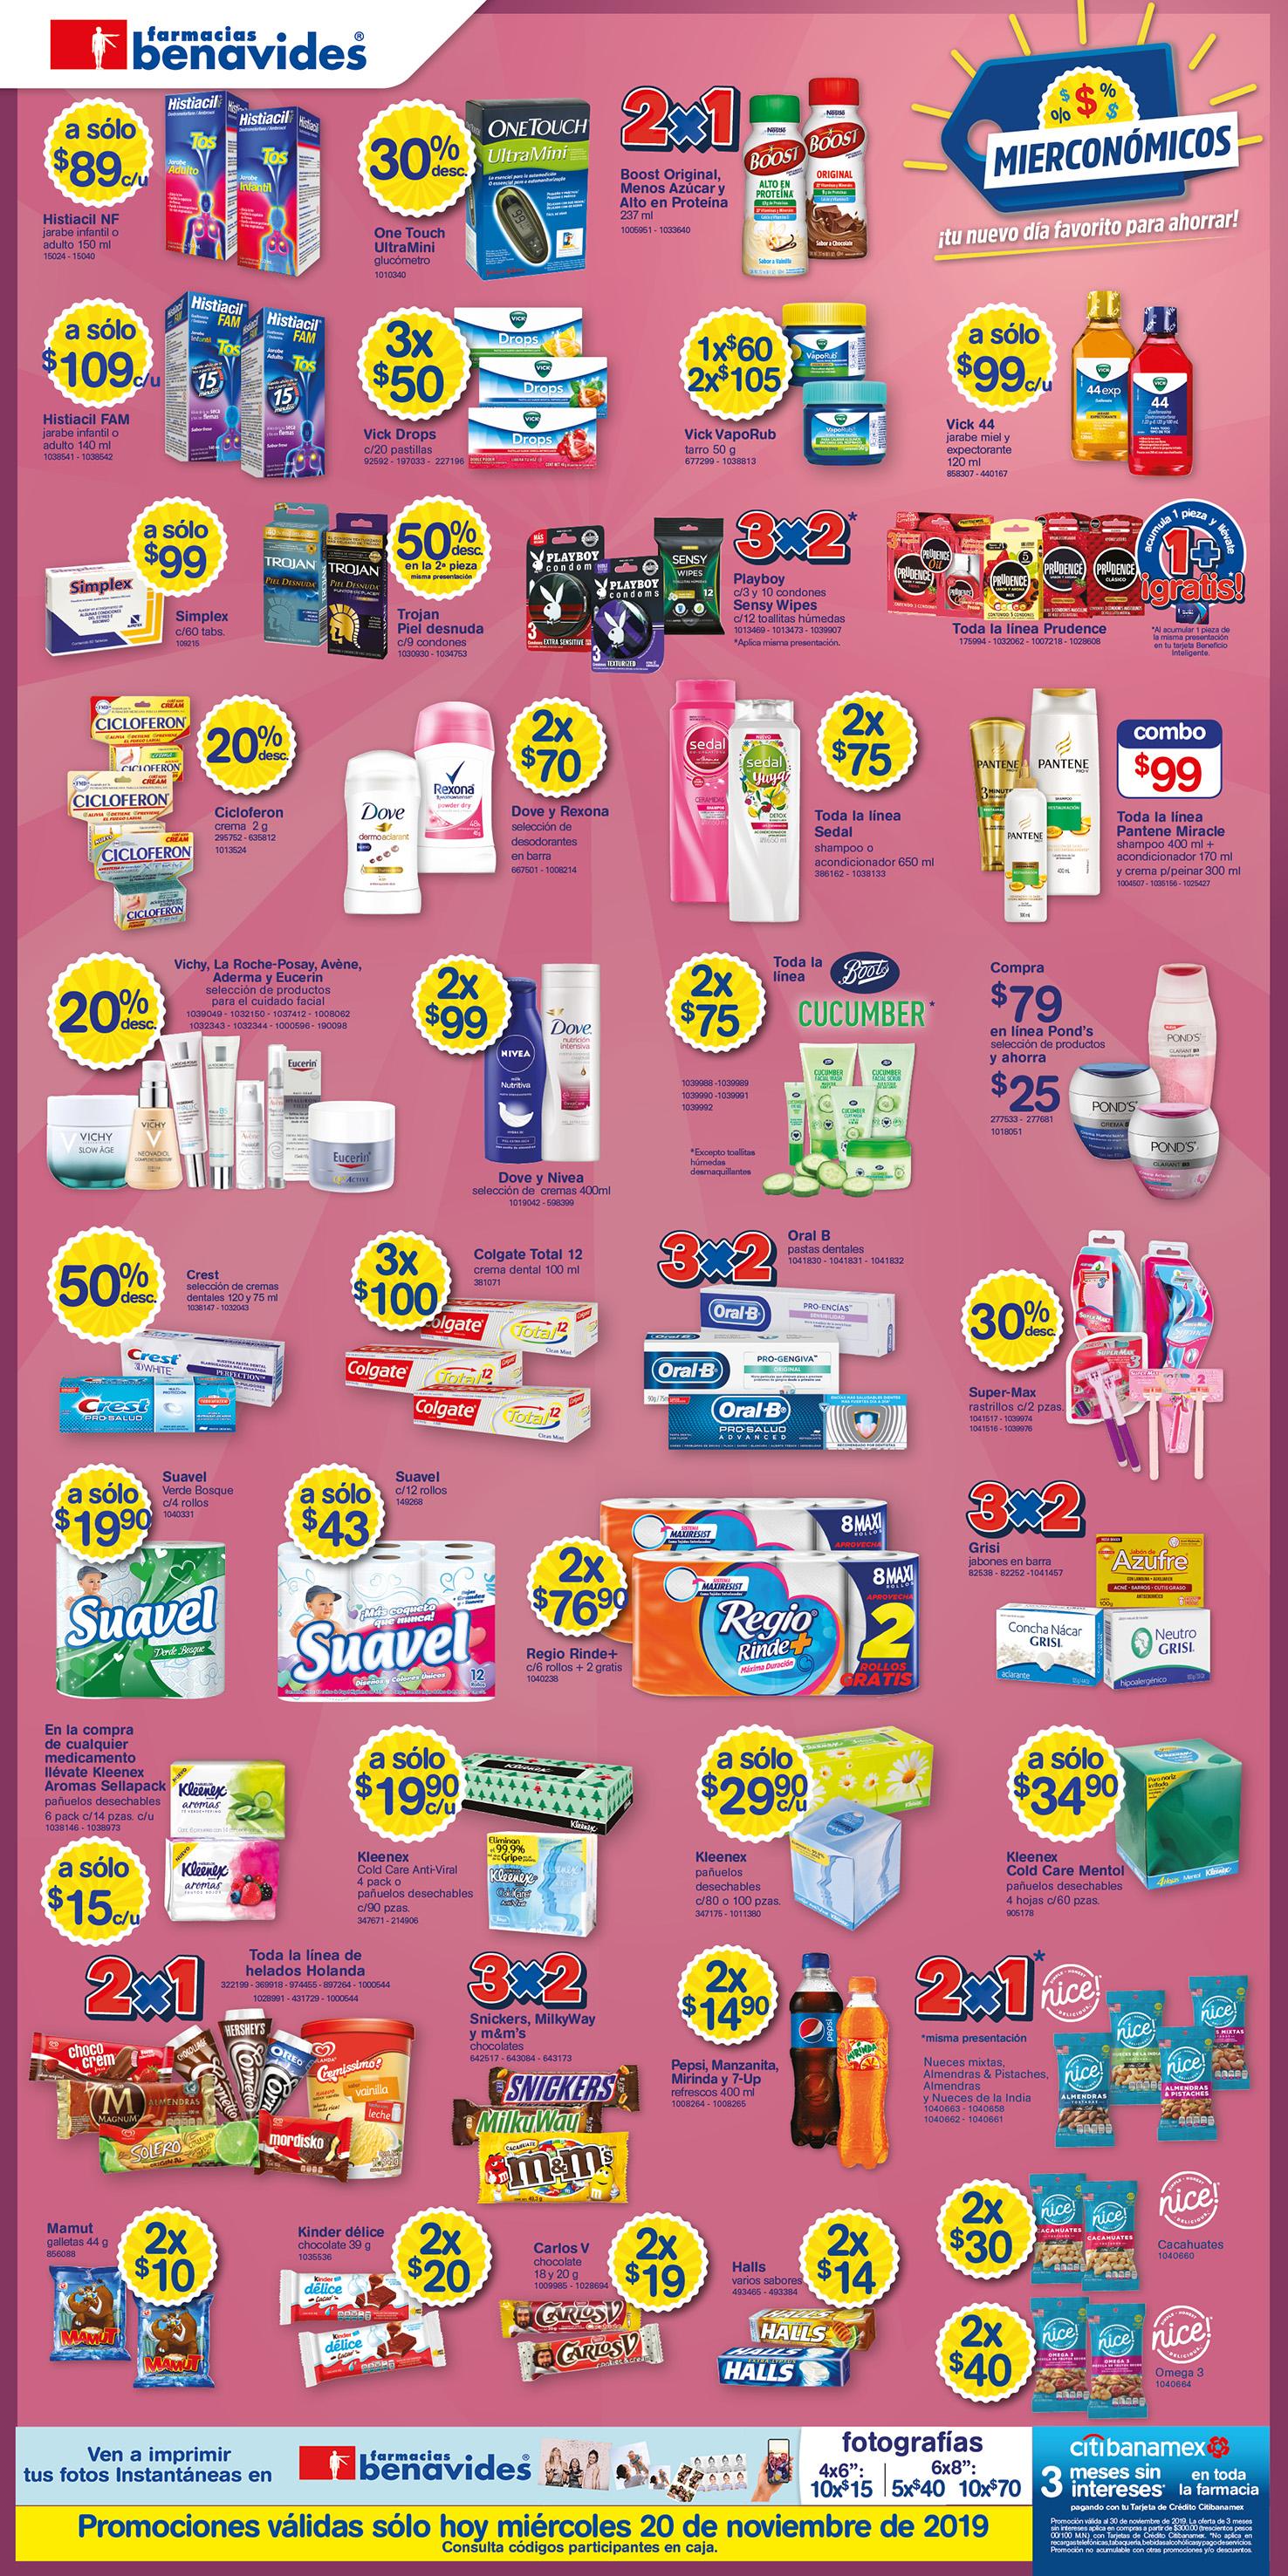 Farmacias Benavides: Miérconómicos 20 de Noviembre